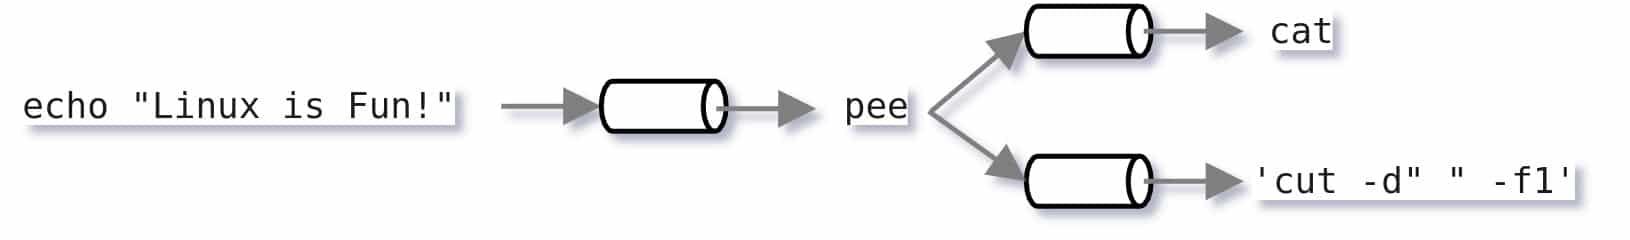 Linux pee command diagram